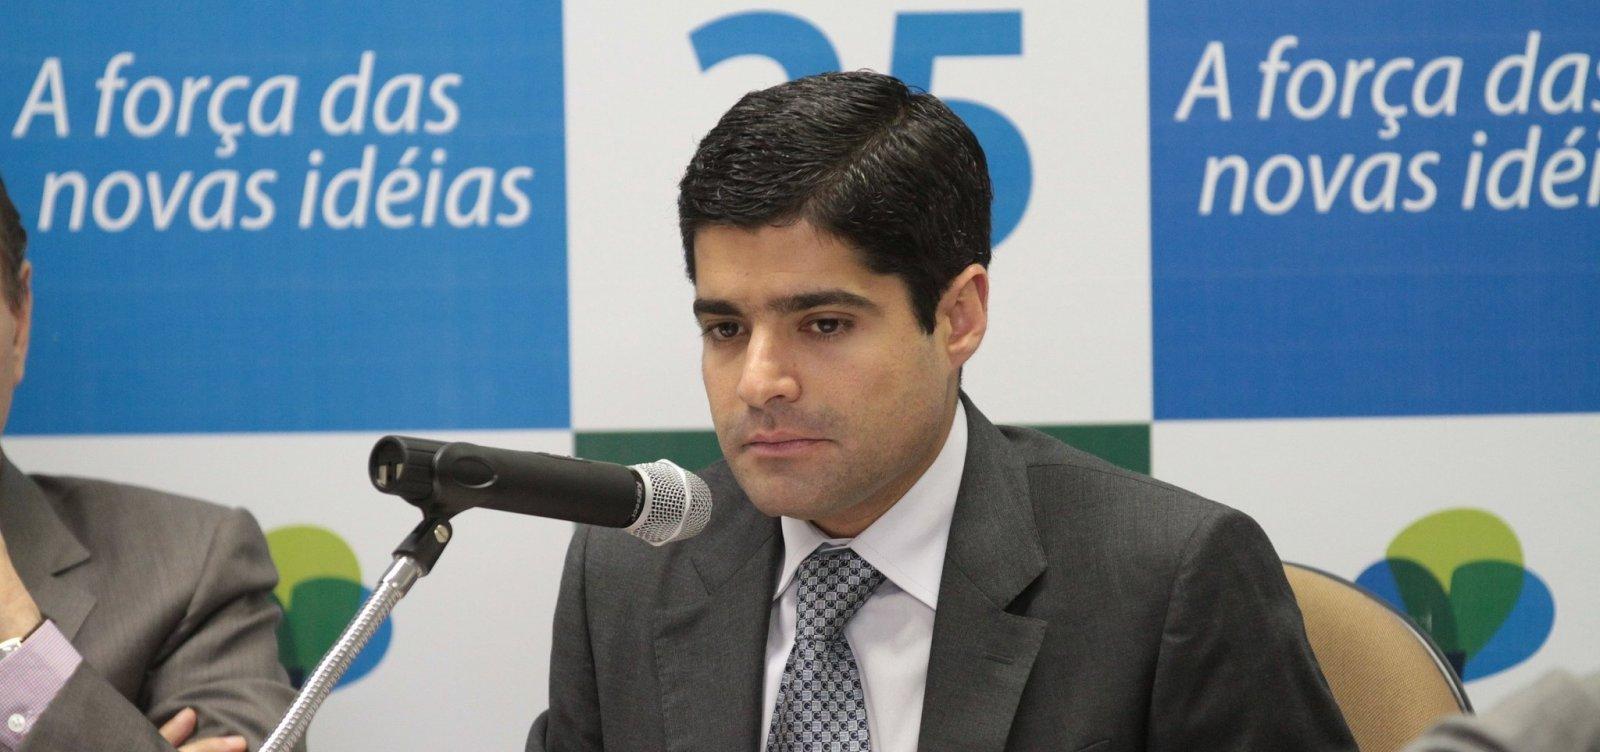 ACM Neto mantém mistério sobre reunião com cúpula de Bolsonaro